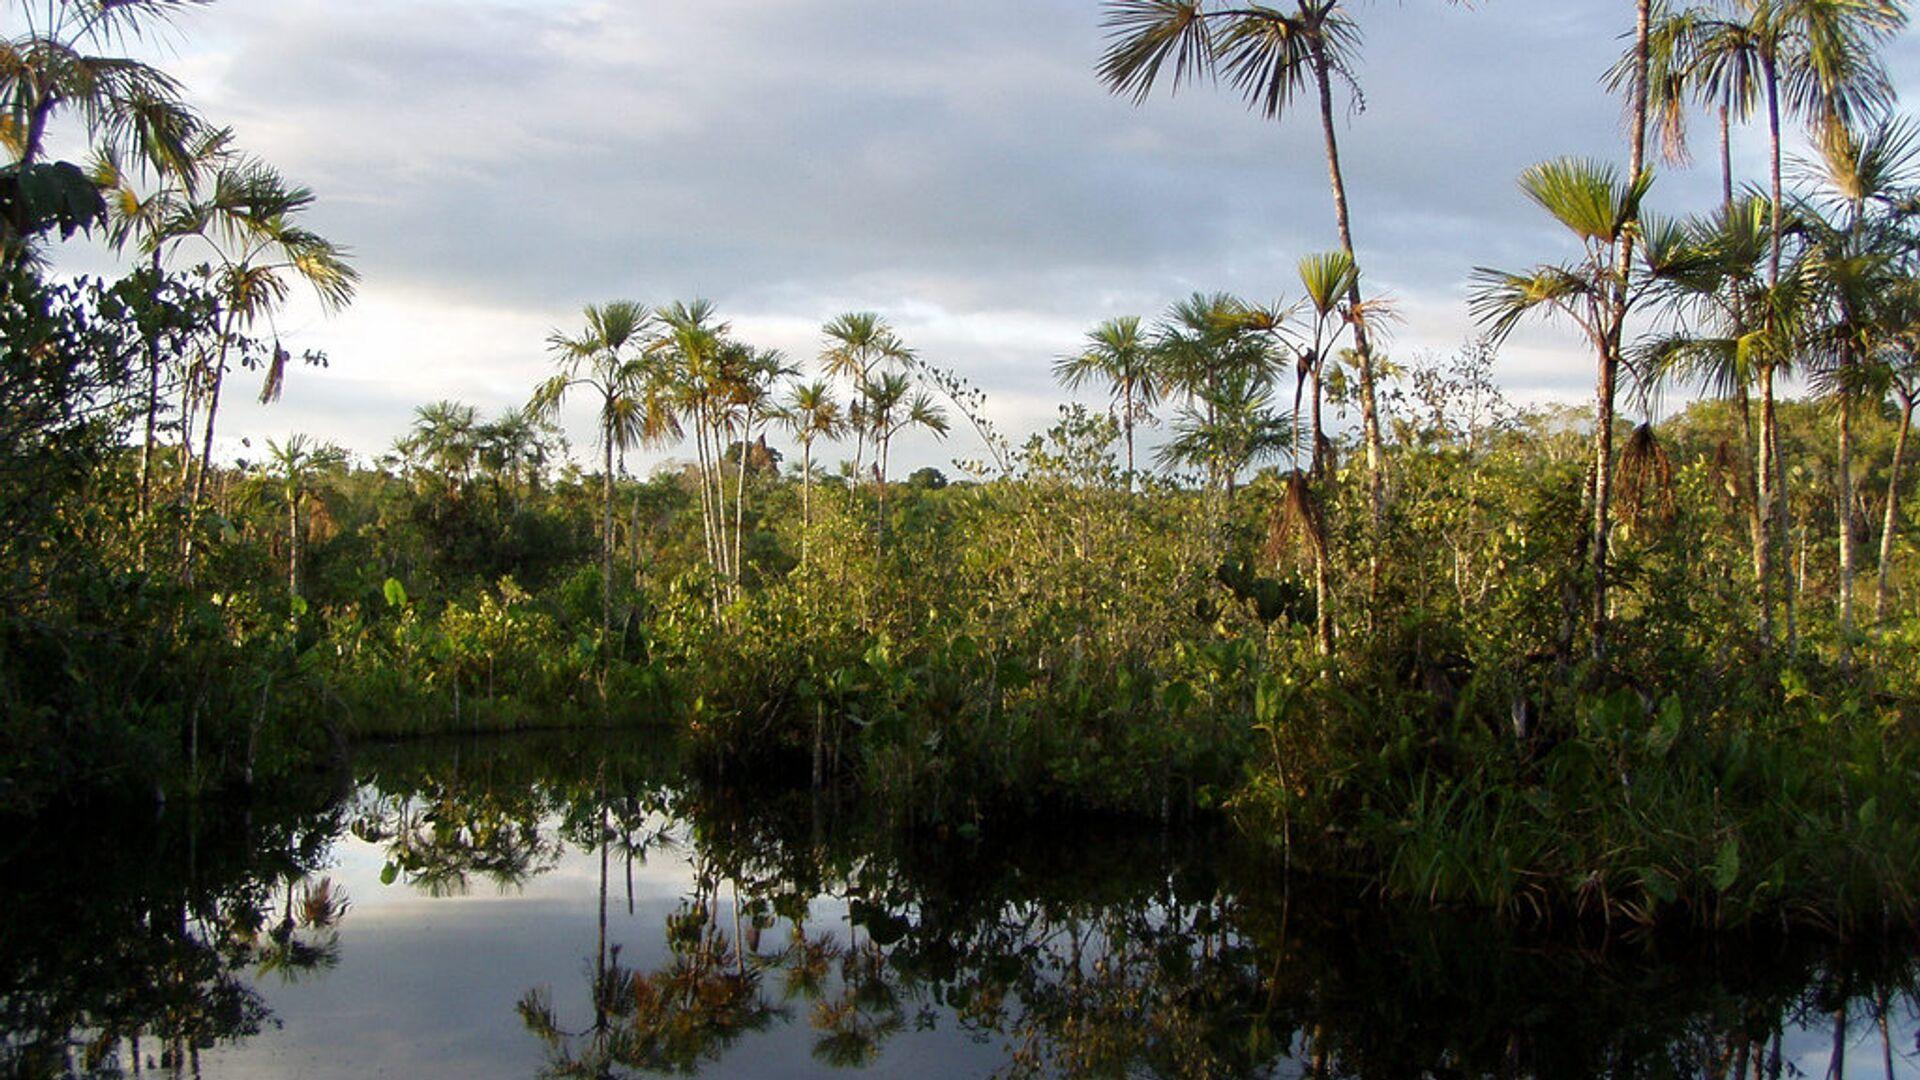 Parque Yasuní, Amazonía - Sputnik Mundo, 1920, 06.05.2021